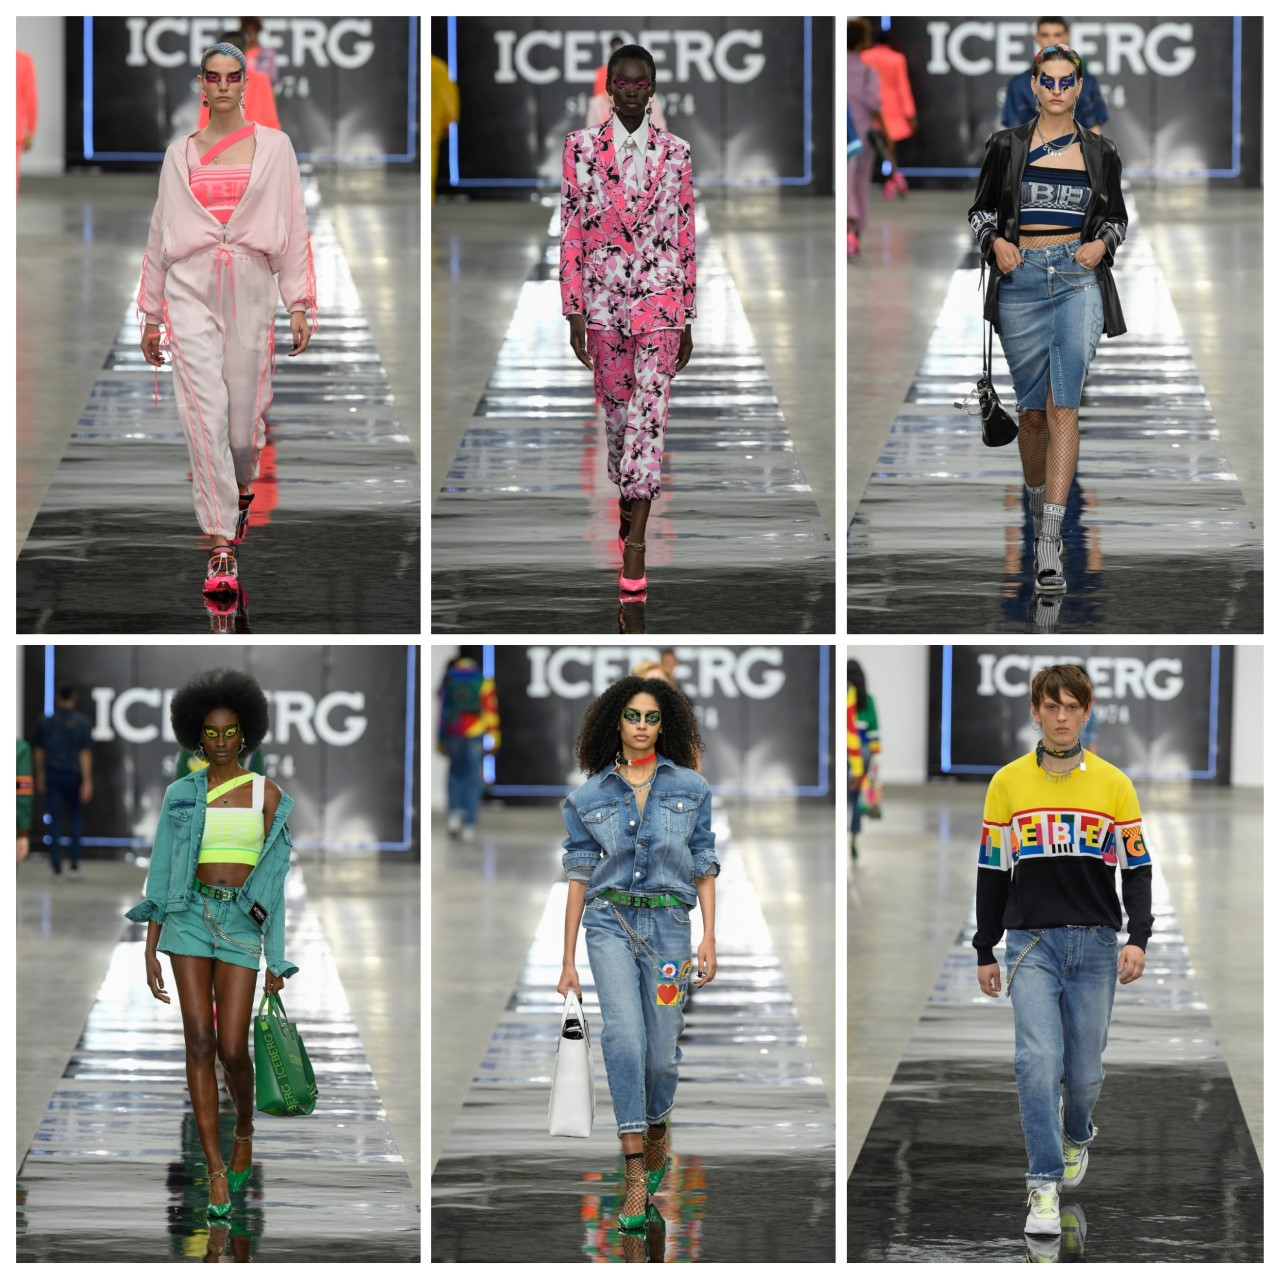 مجموعة مختلفة من أزياء  Iceberg